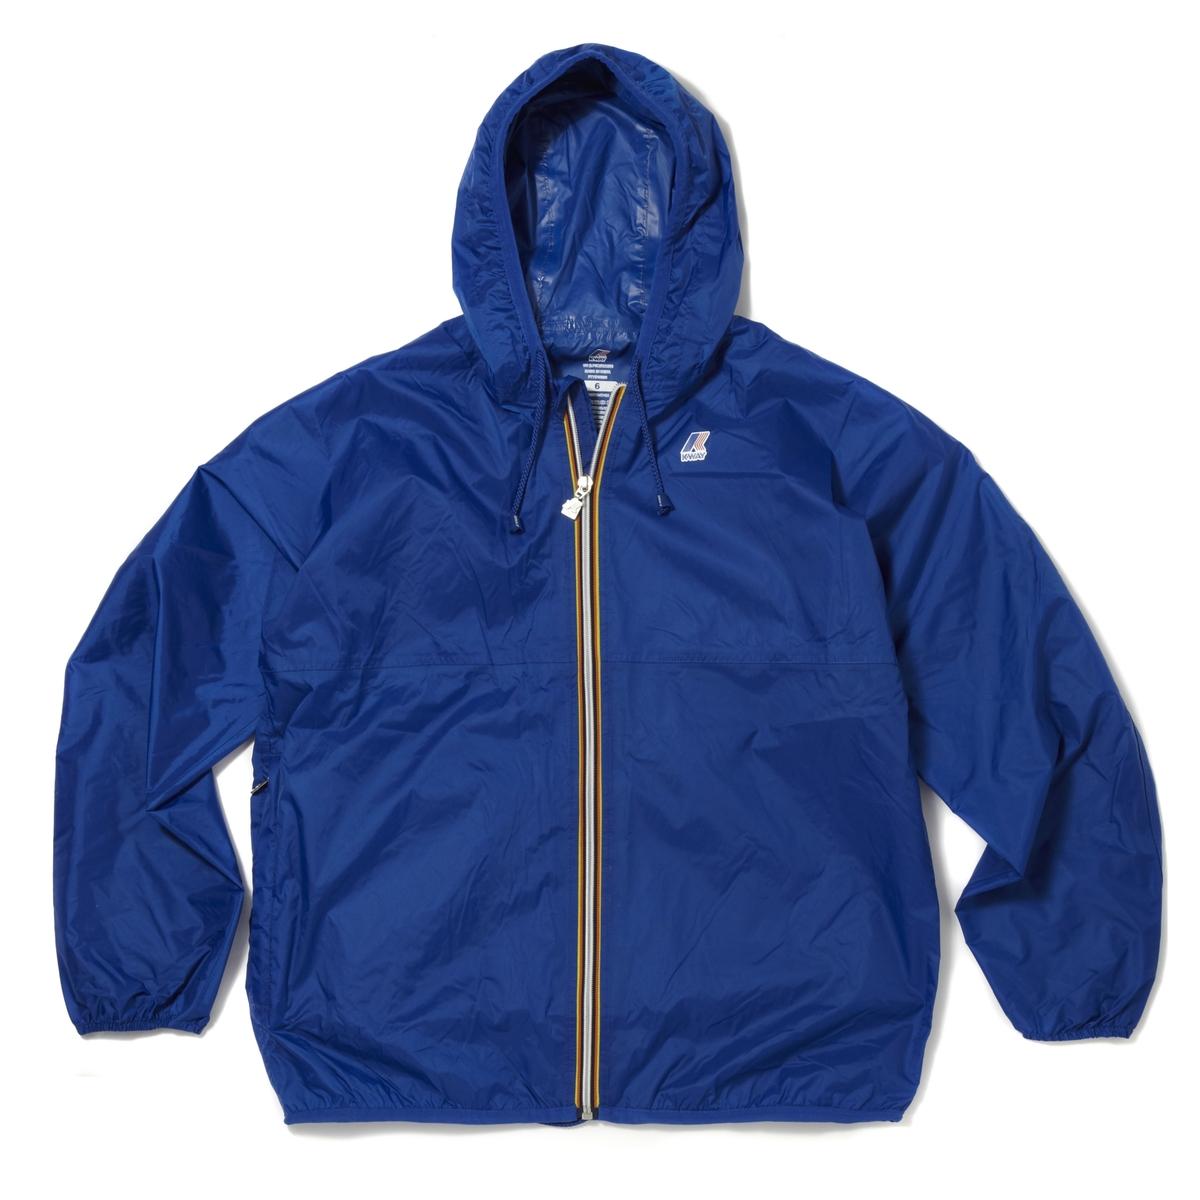 Mens Waterproof Hooded Jacket